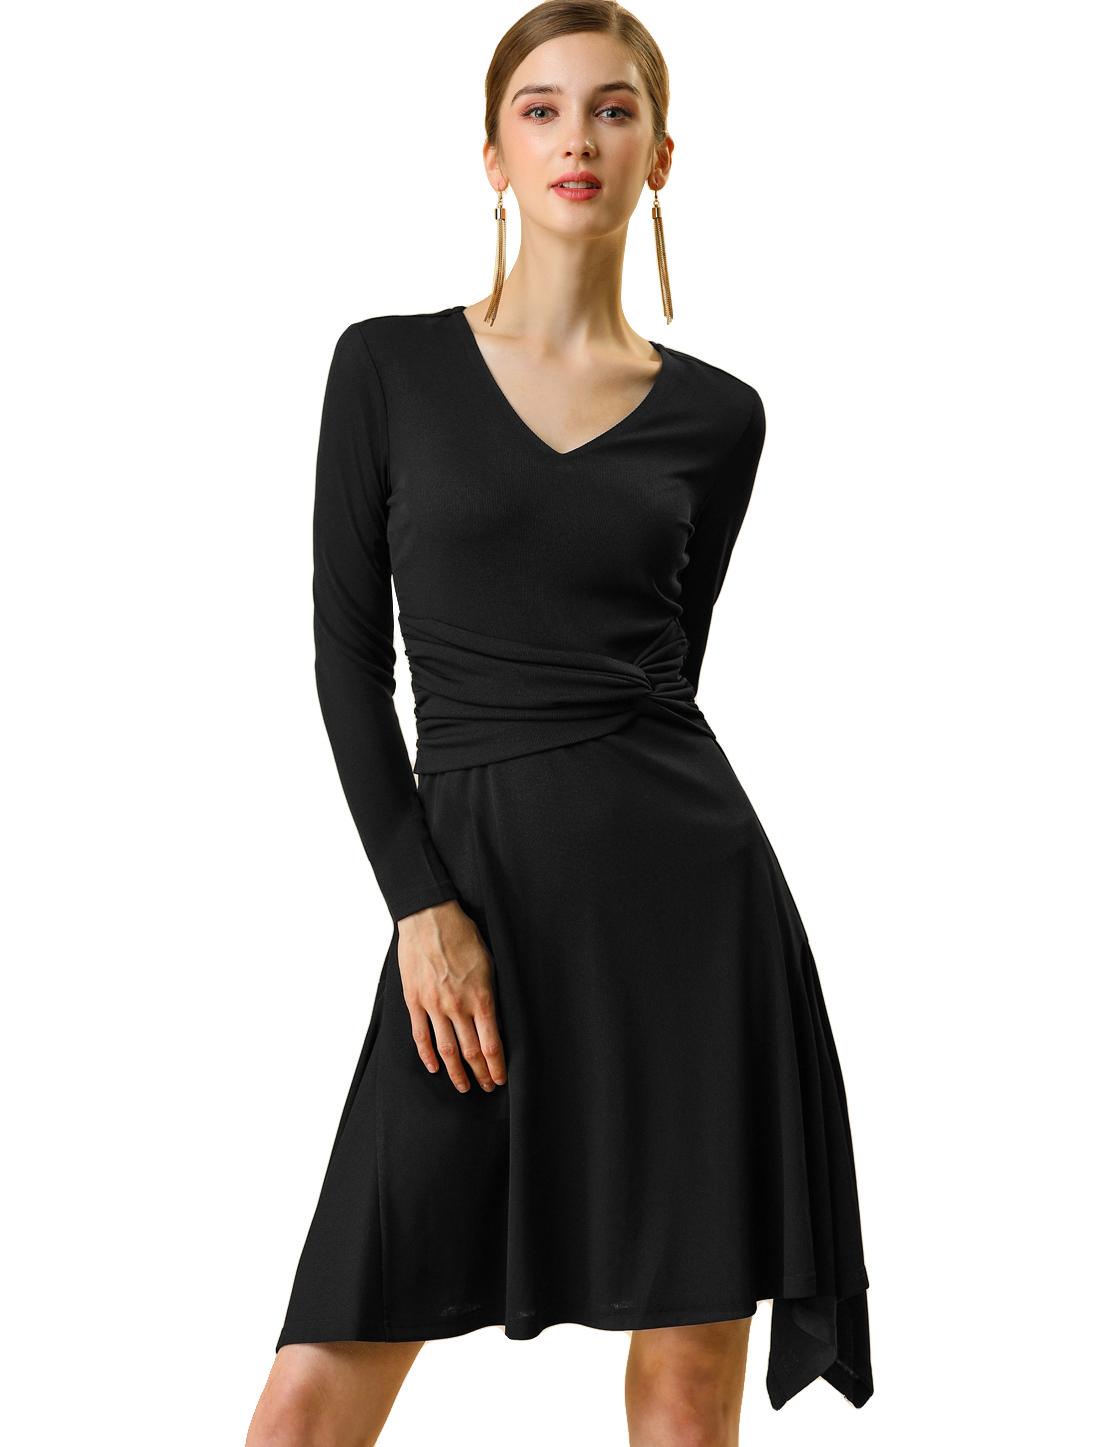 Women's V neck Waist Knot Asymmetrical Long Sleeve Knee Length Dress Black S